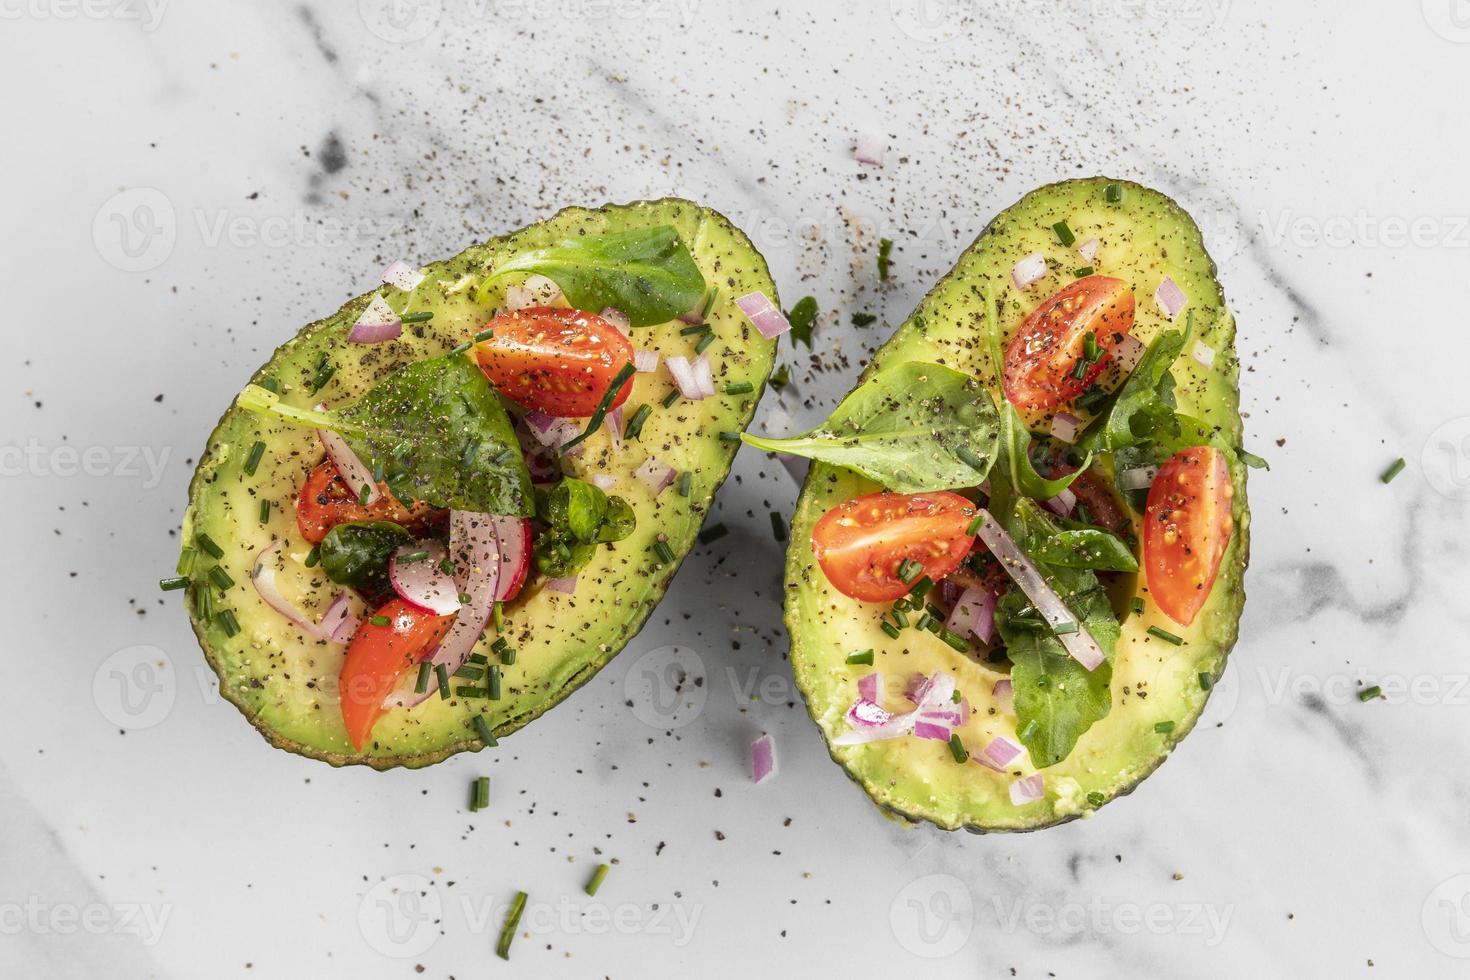 composição plana deliciosa salada saudável composição de abacate foto